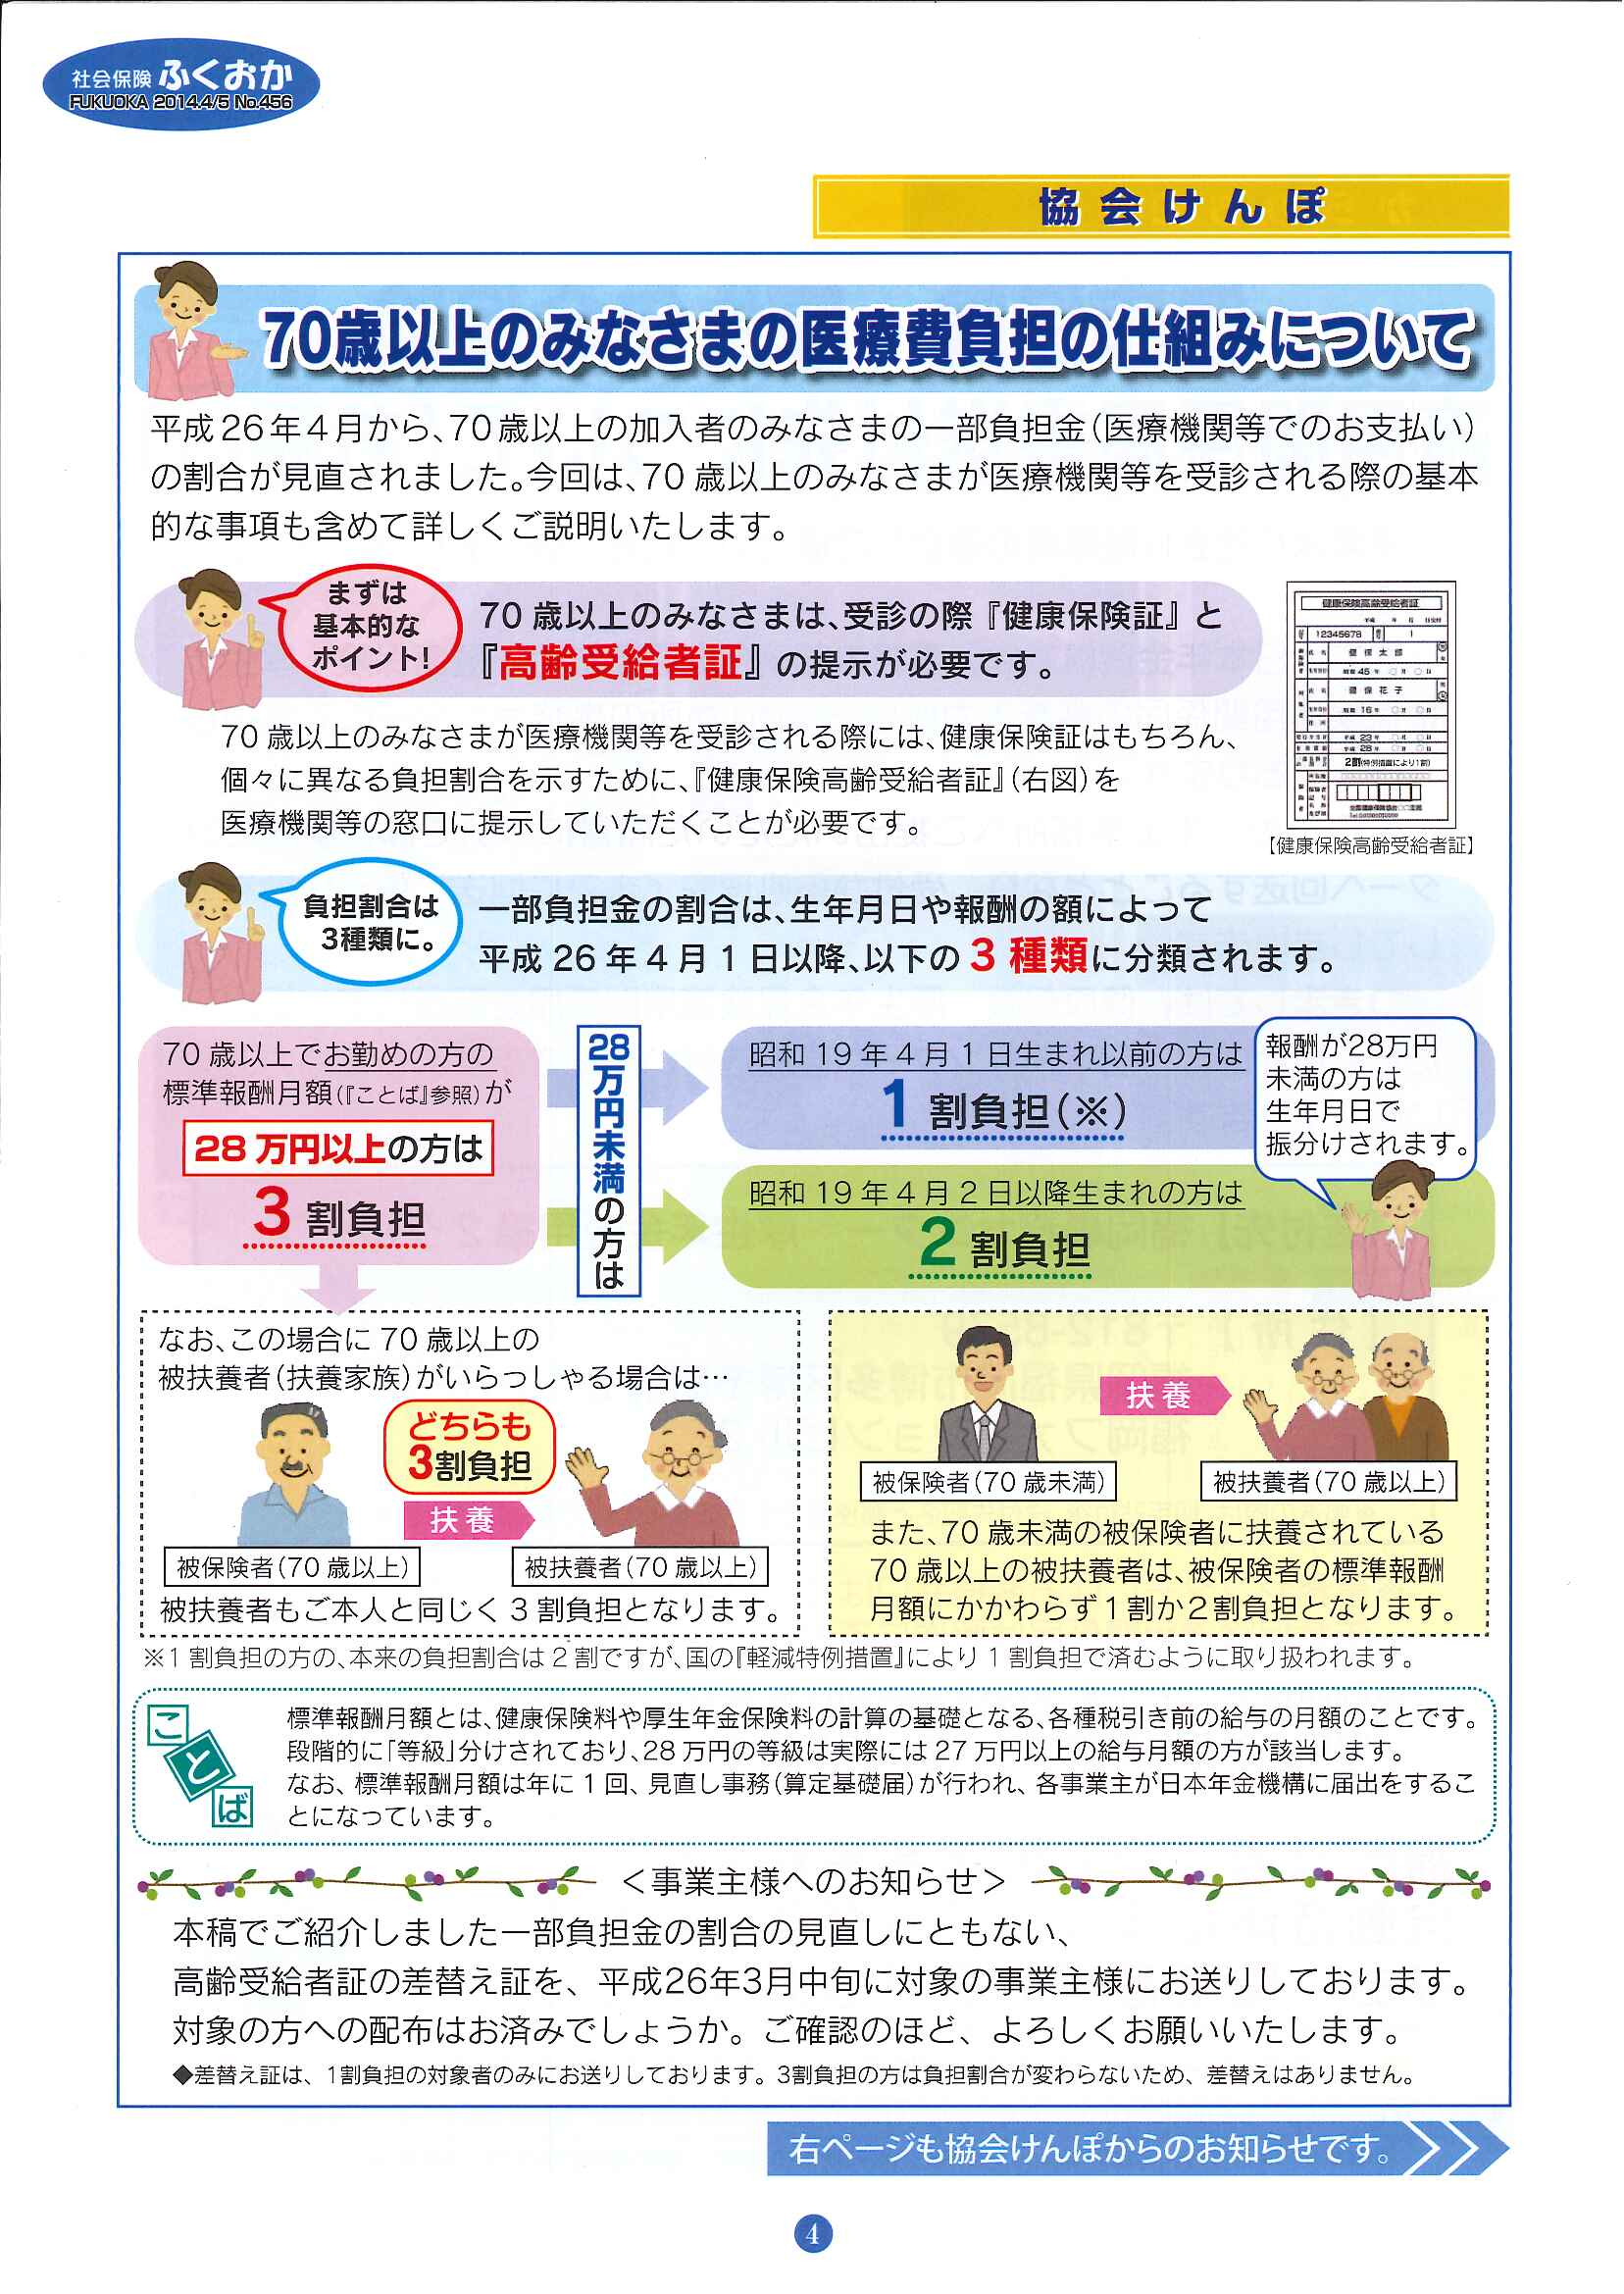 社会保険 ふくおか 2014年4・5月号_f0120774_14591096.jpg